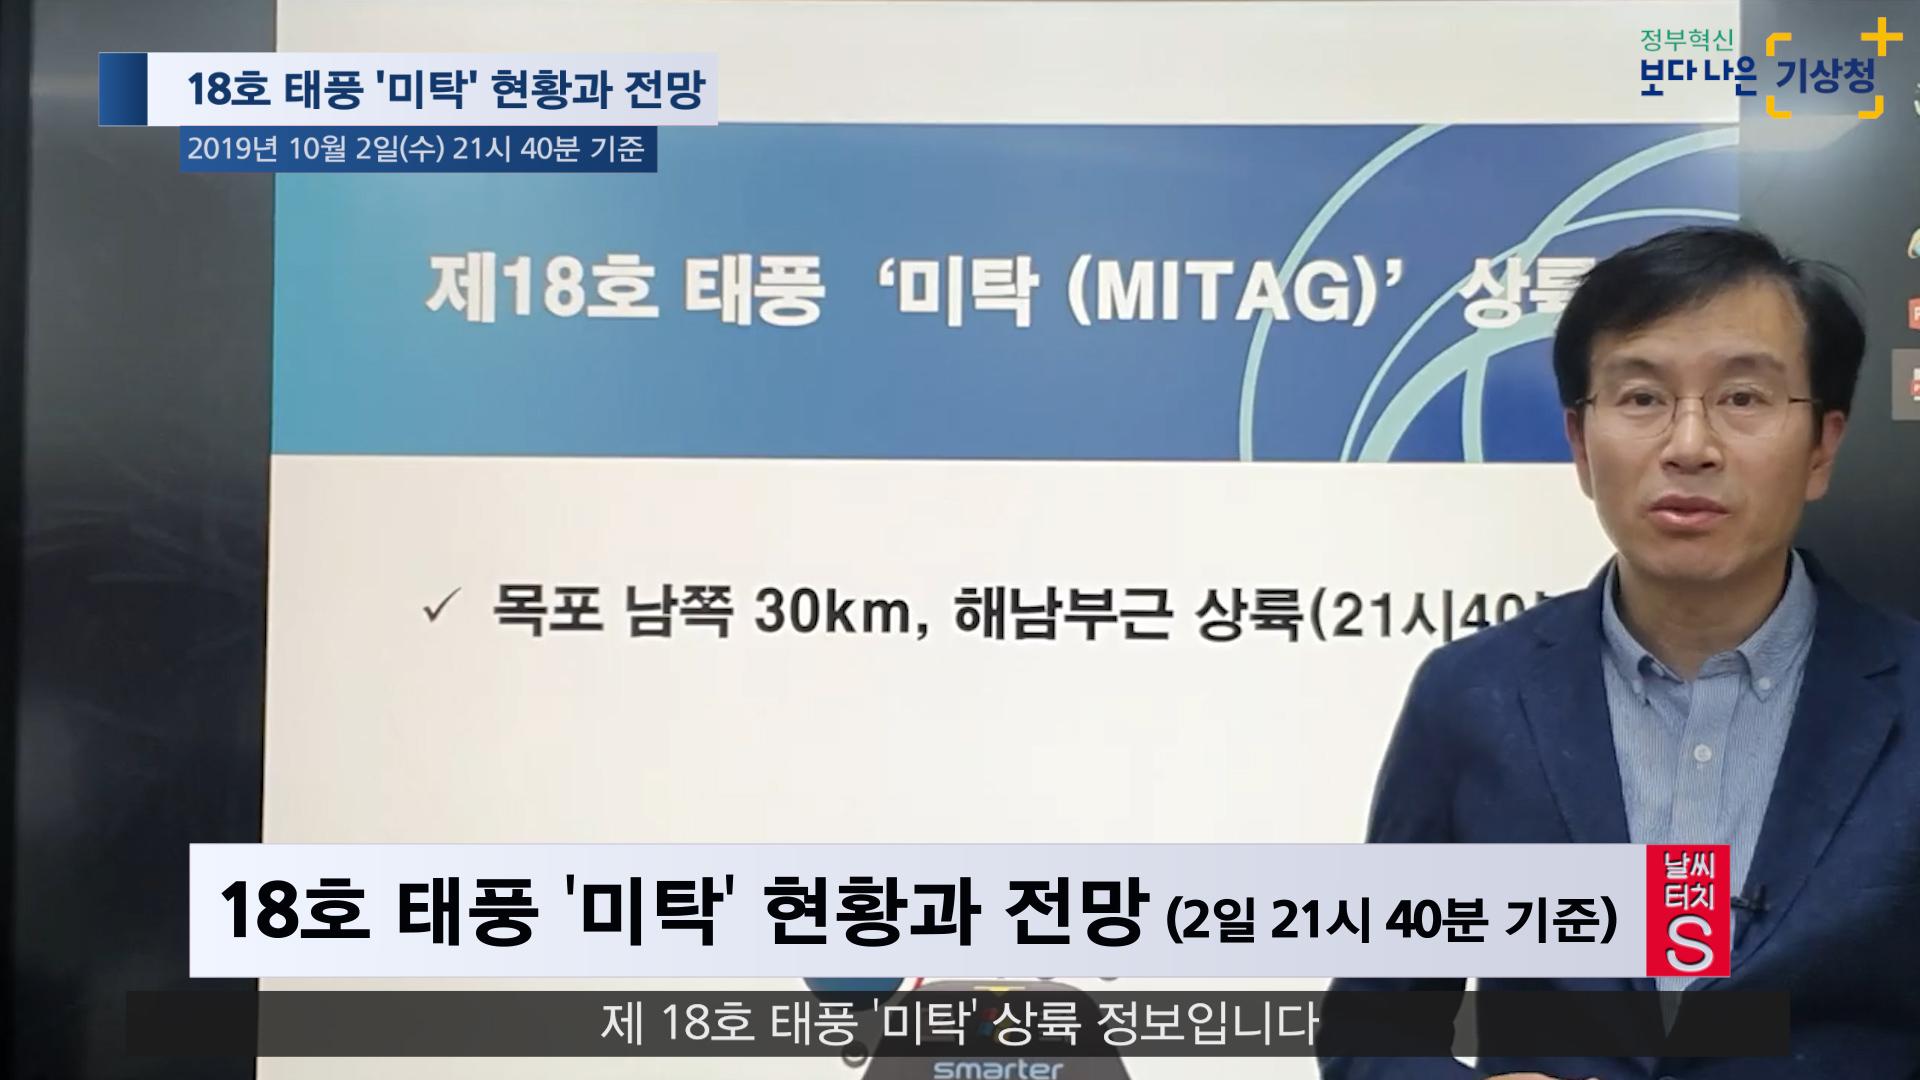 18호 태풍 미탁 현황과 전망(2일 21시 40분 기준)